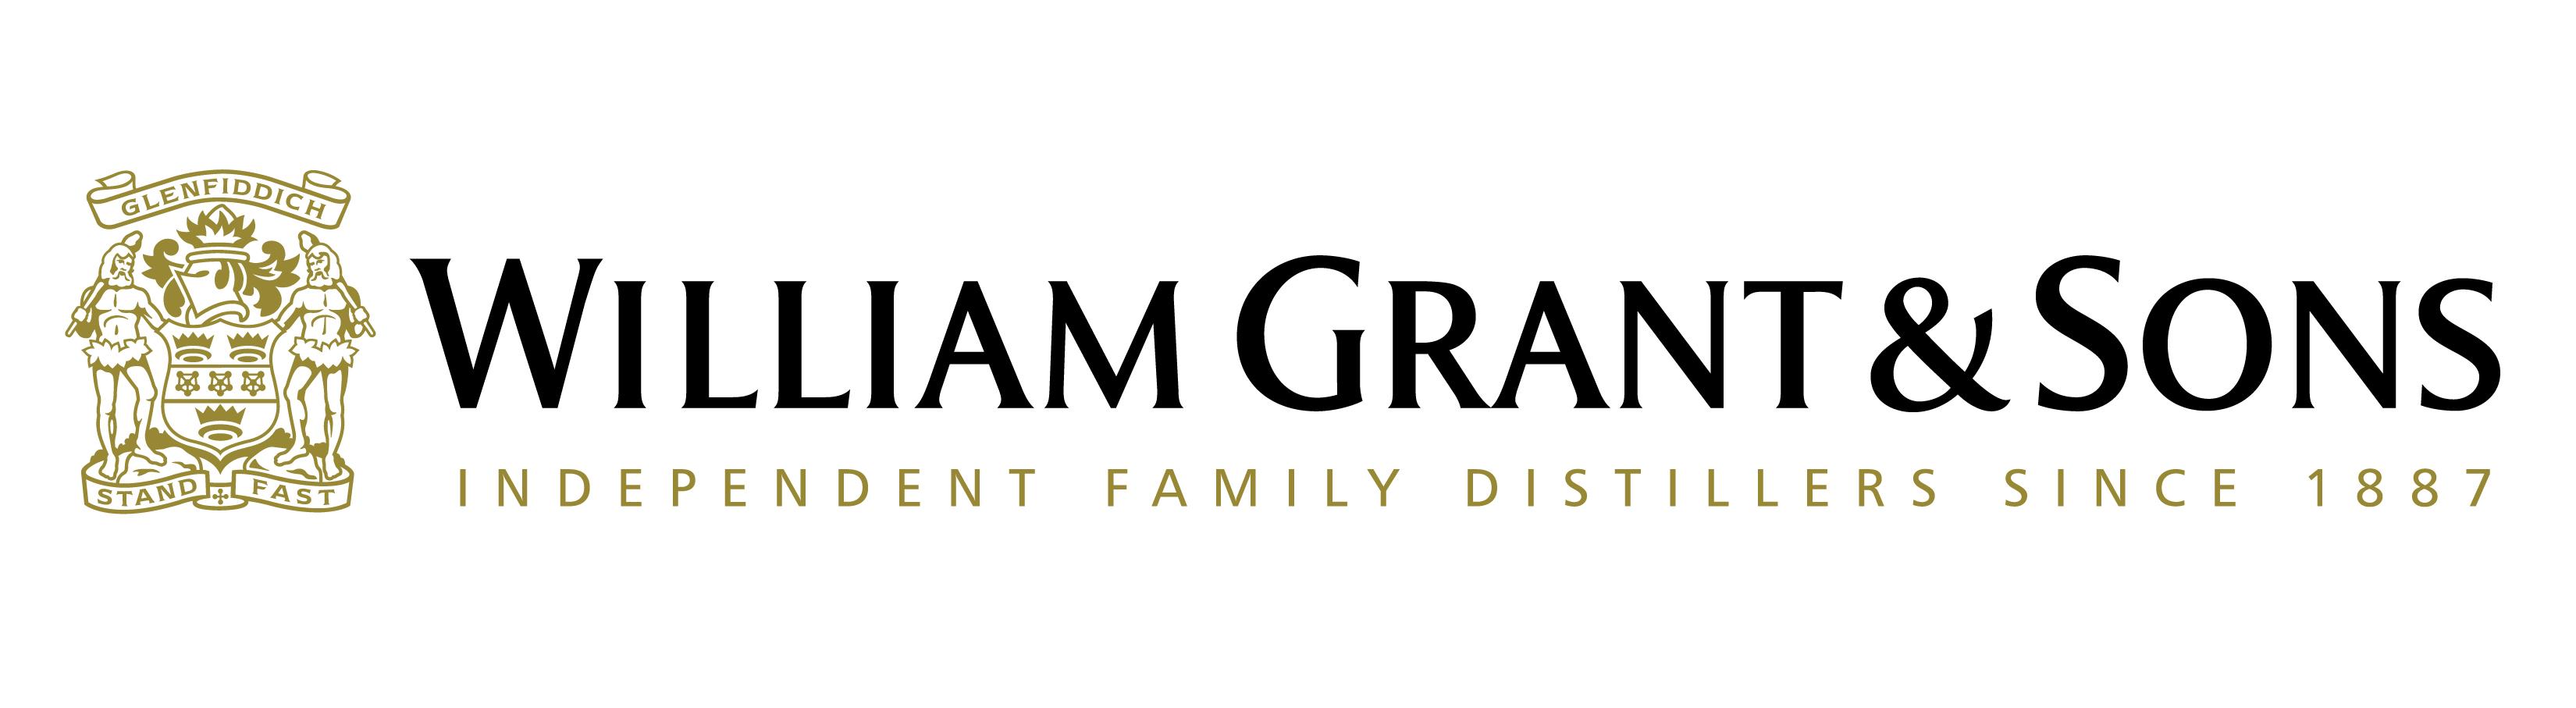 WilliamGrant